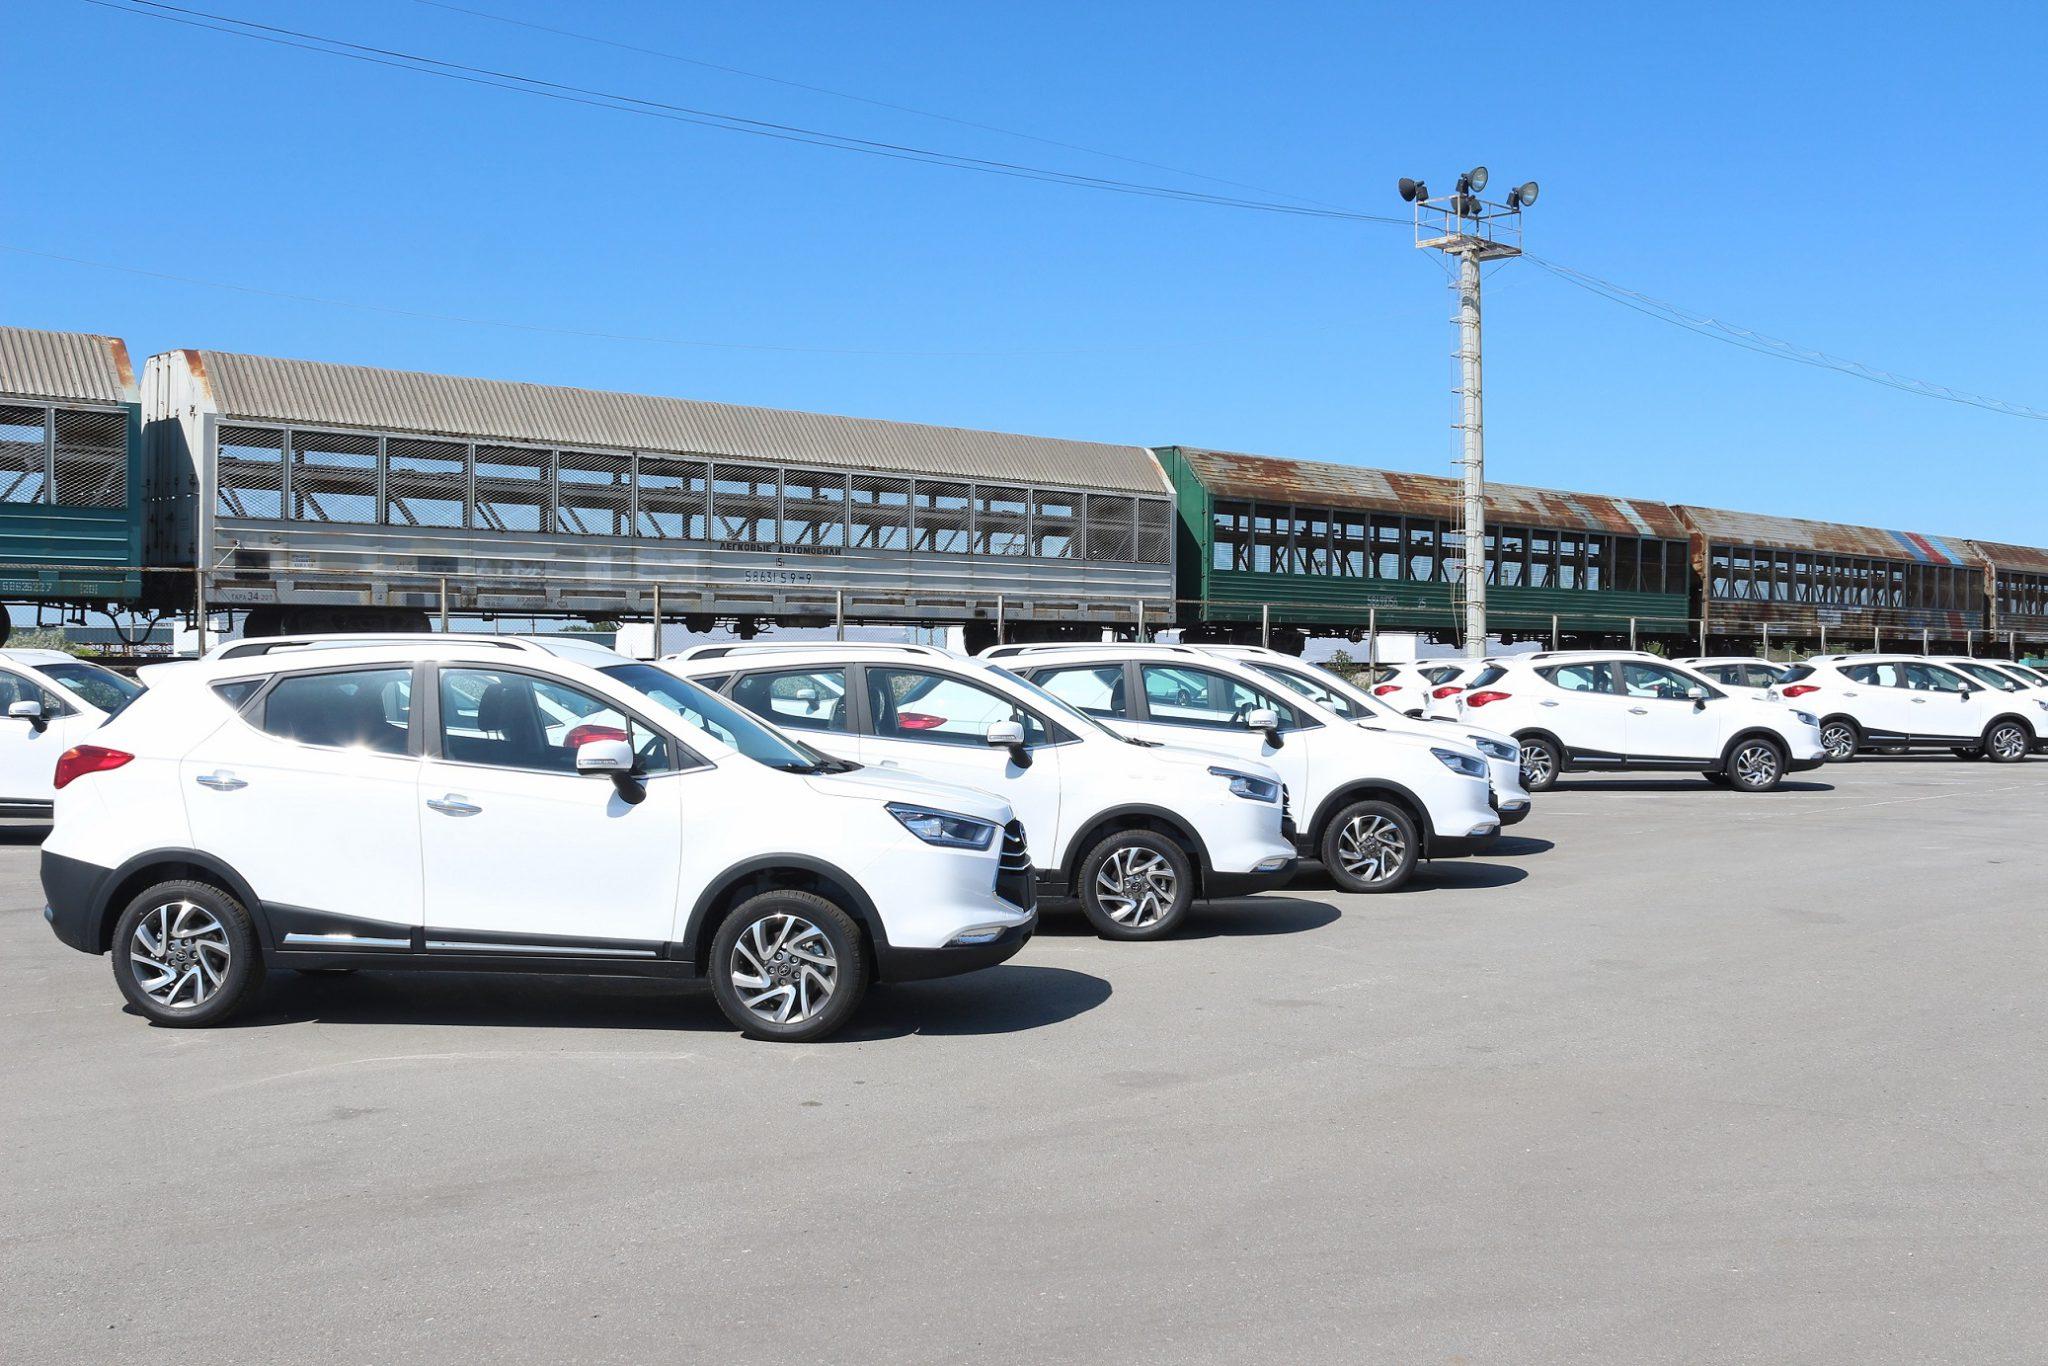 Доля автомобилей производства РК в госзакупе выросла до 97% в 2018 году      , Авто, производство , КазАвтоПром